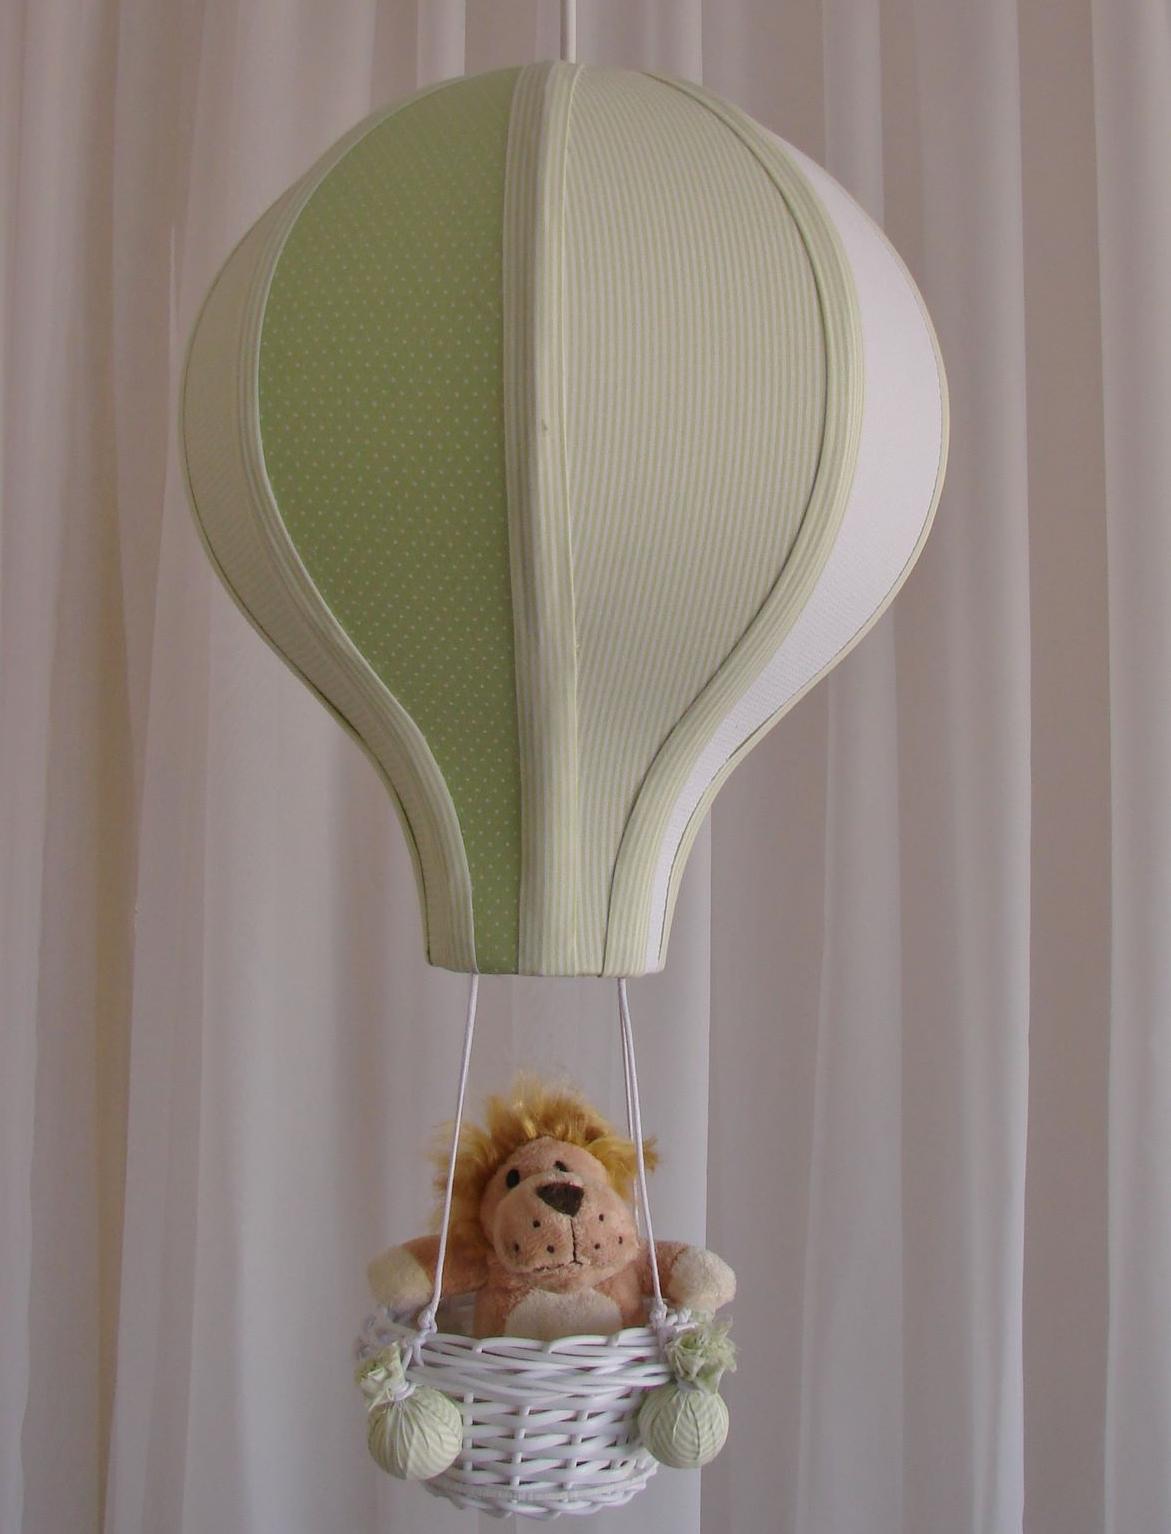 Lustre Para Quarto De Bebe Em Recife ~ lustre balao pequeno abajur lustre balao pequeno lustre